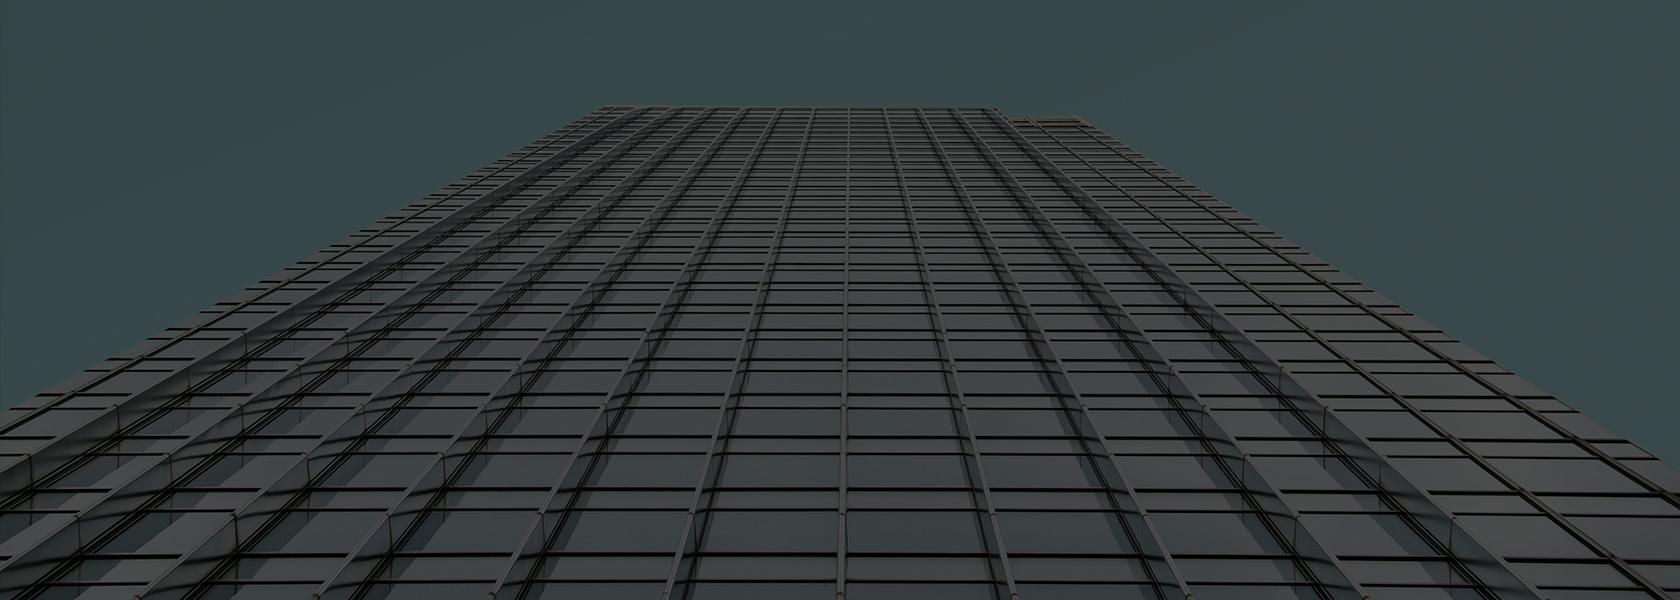 industries-pb-dark-2